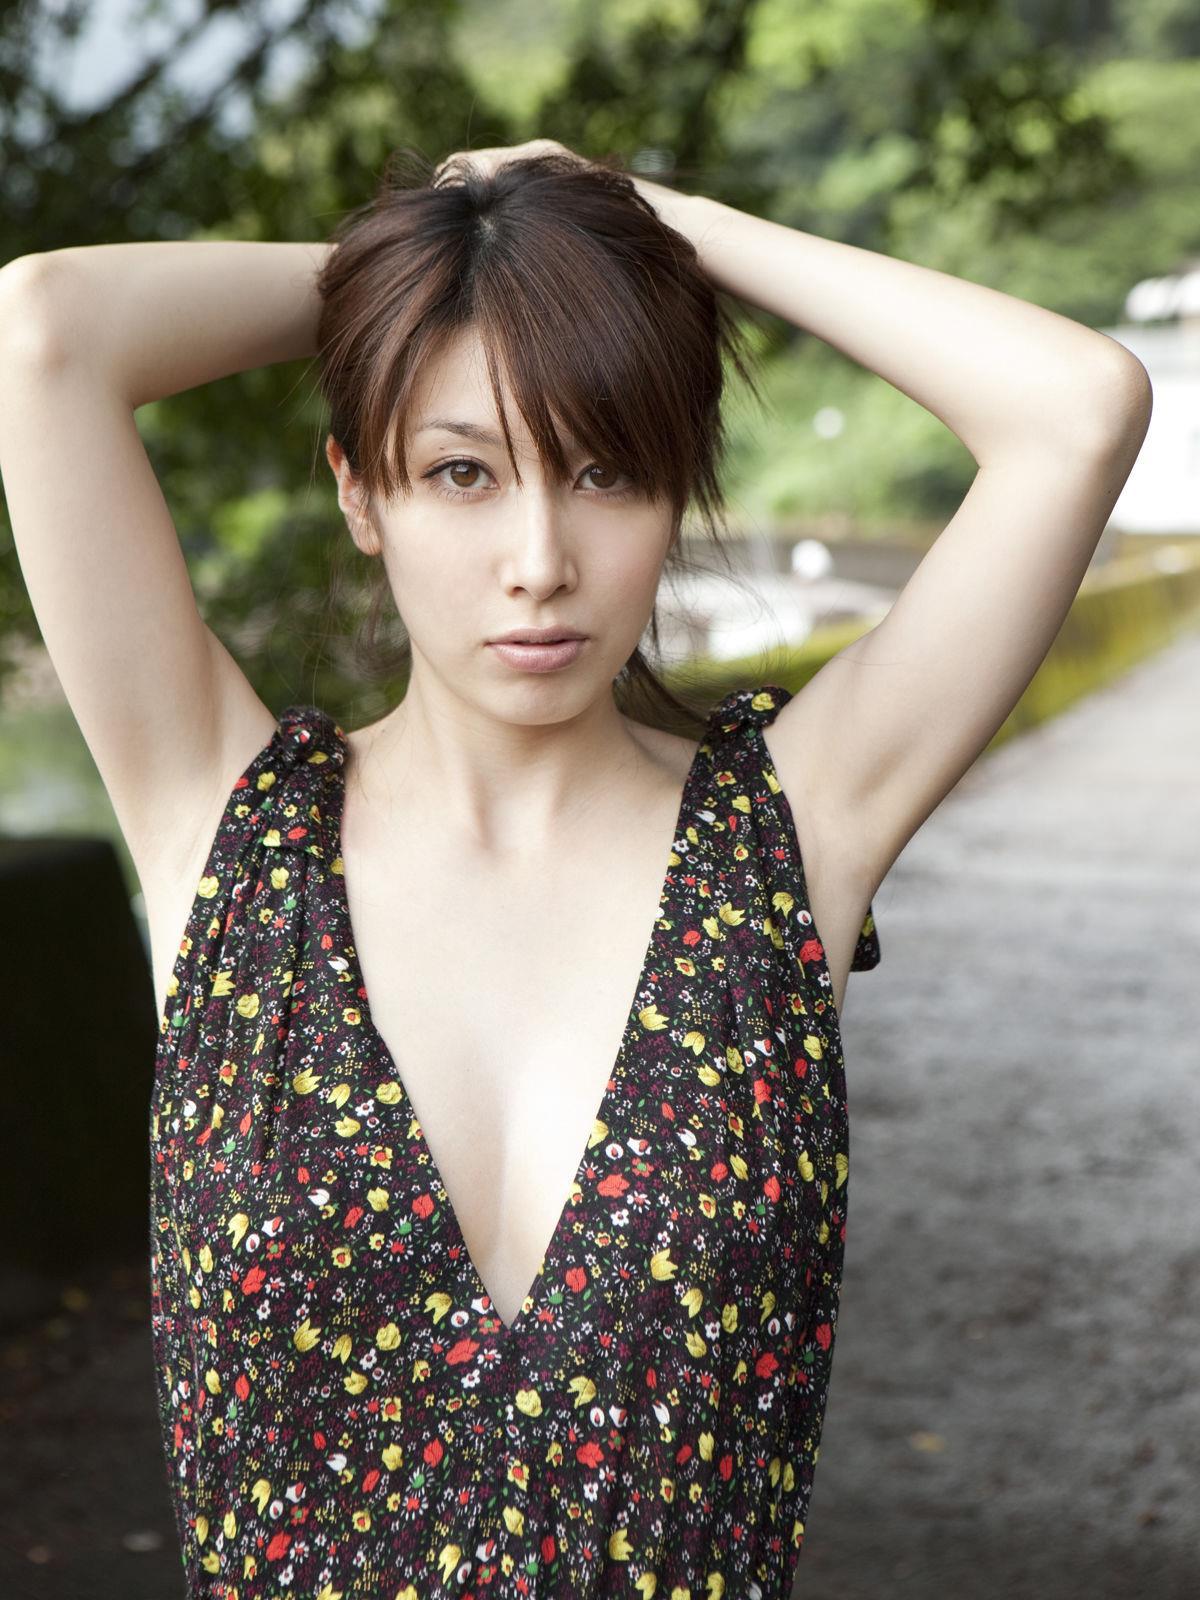 小林恵美 セミヌード画像 76